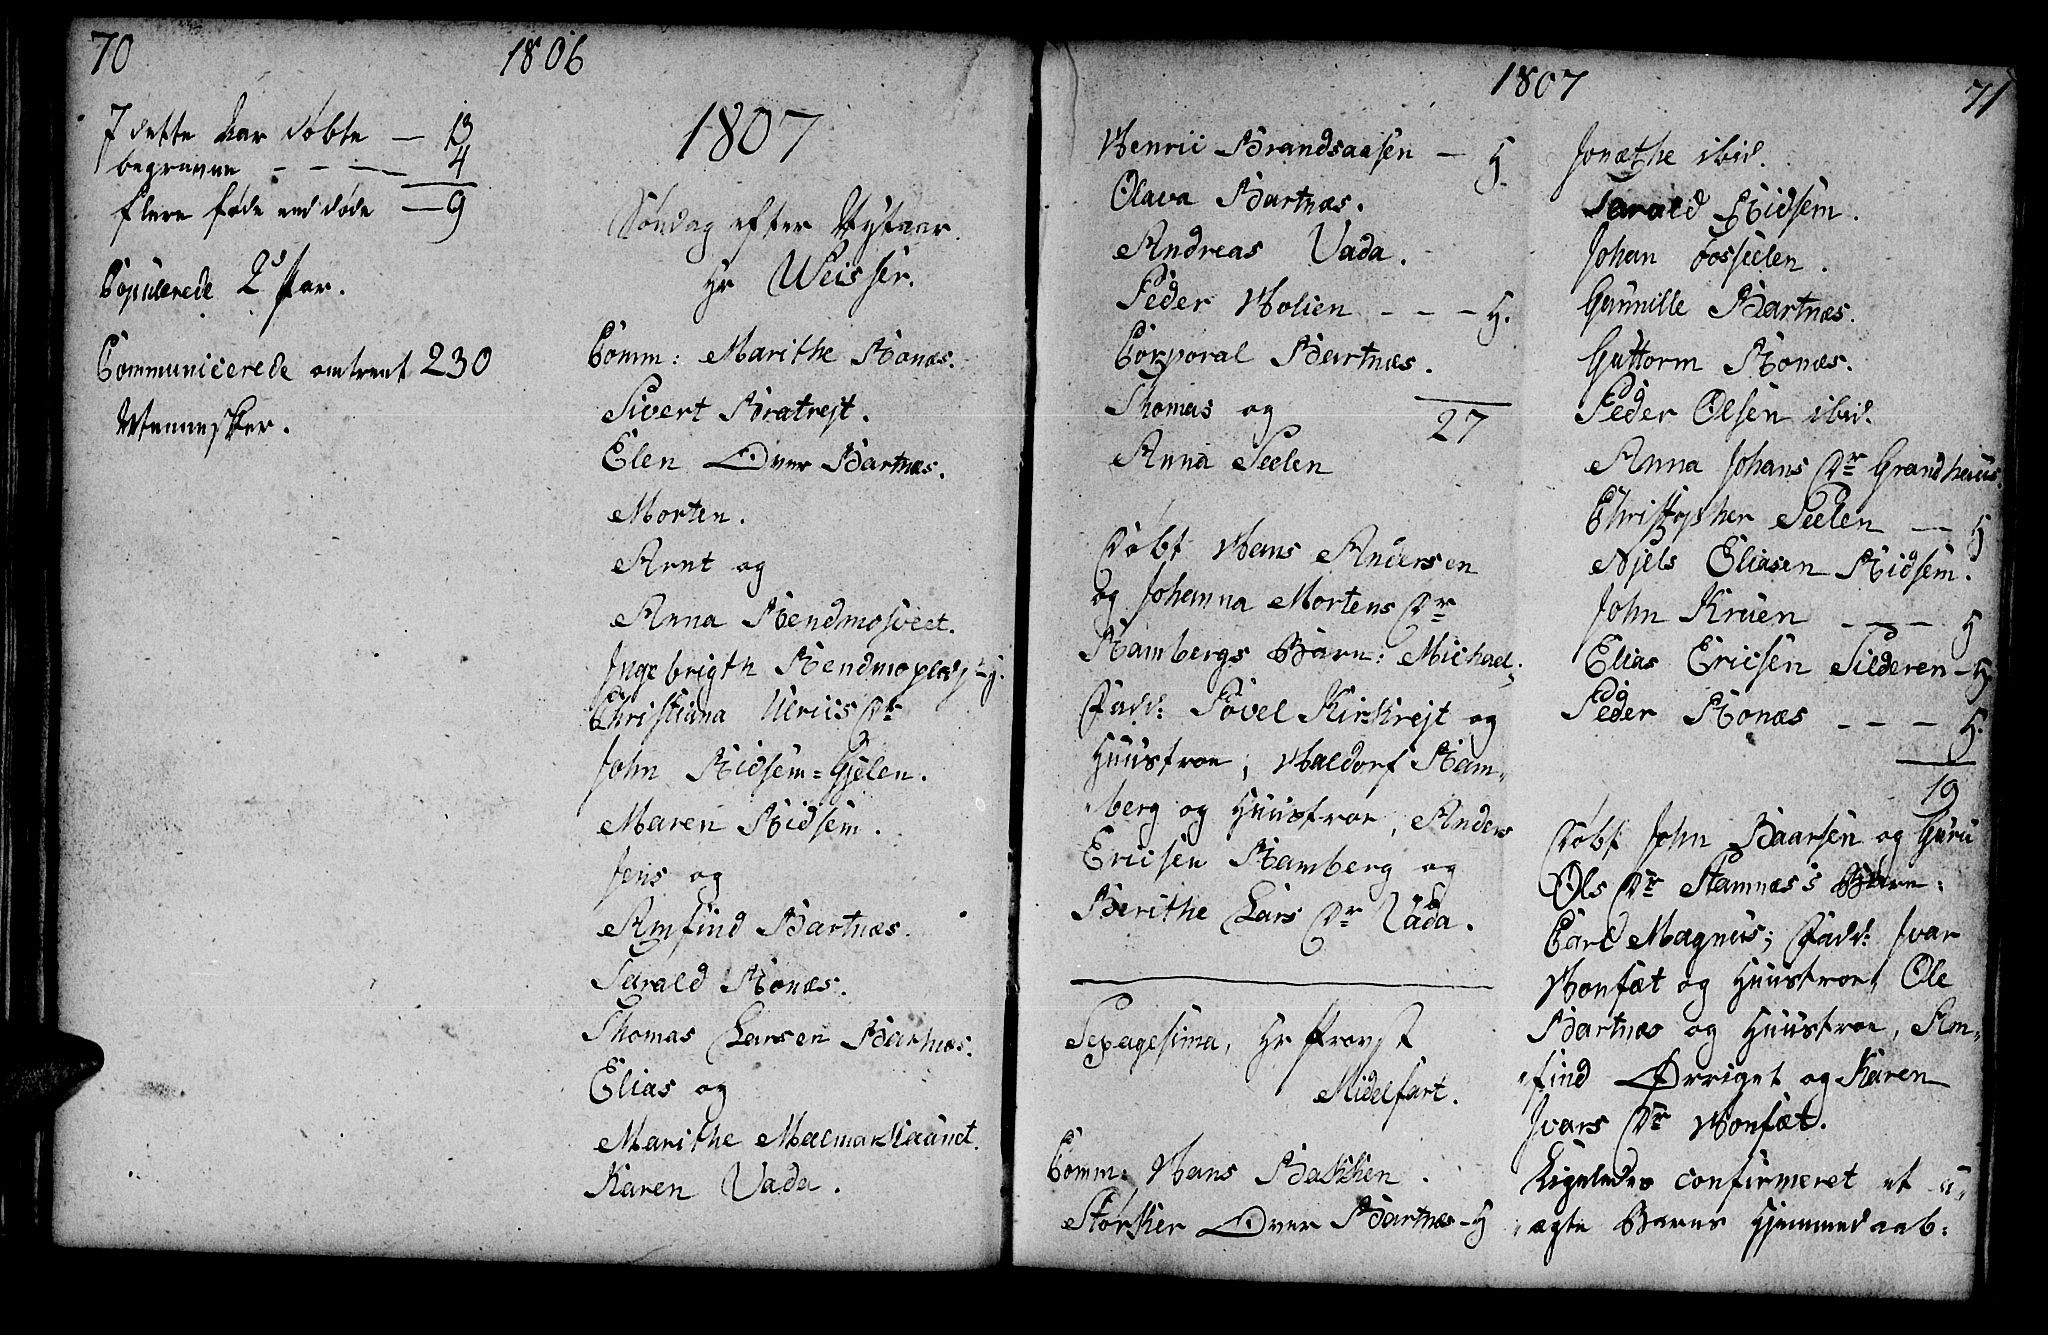 SAT, Ministerialprotokoller, klokkerbøker og fødselsregistre - Nord-Trøndelag, 745/L0432: Klokkerbok nr. 745C01, 1802-1814, s. 70-71